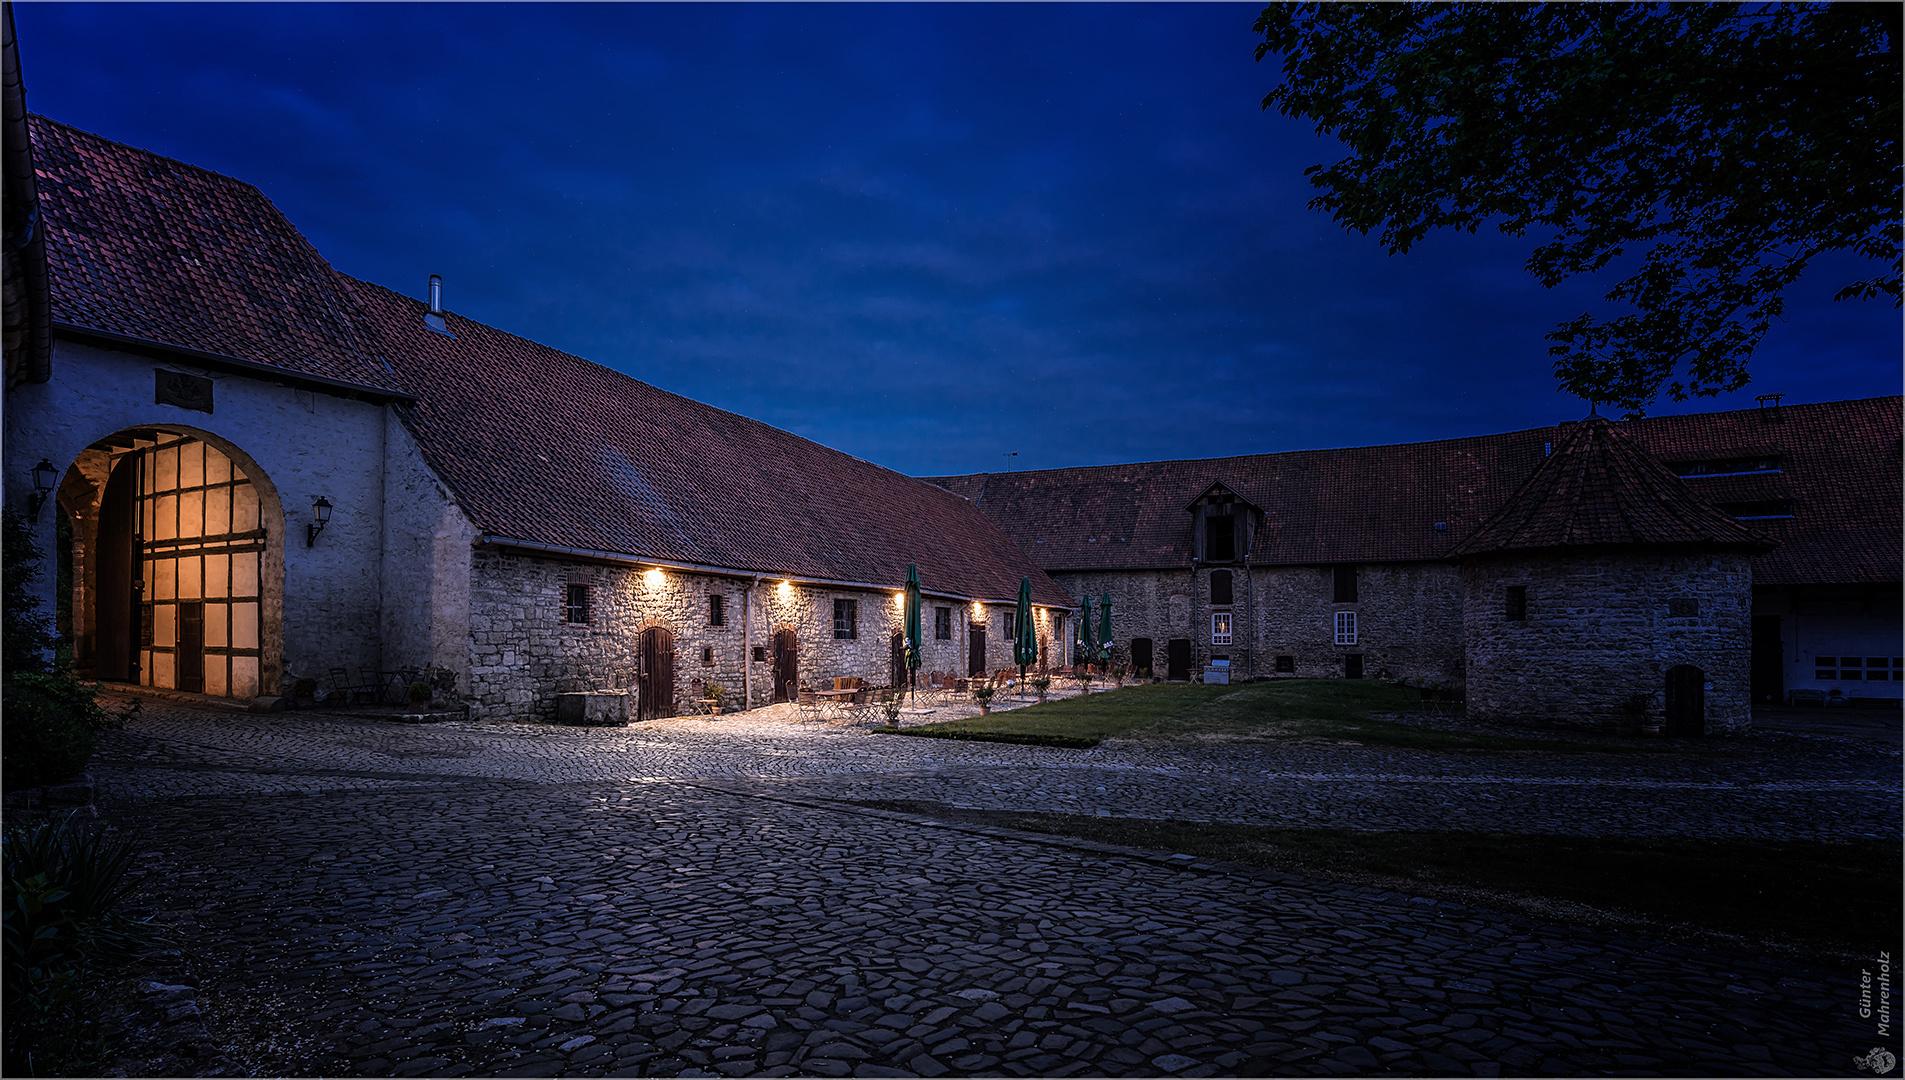 Nachtrag aus dem Kloster Hedersleben